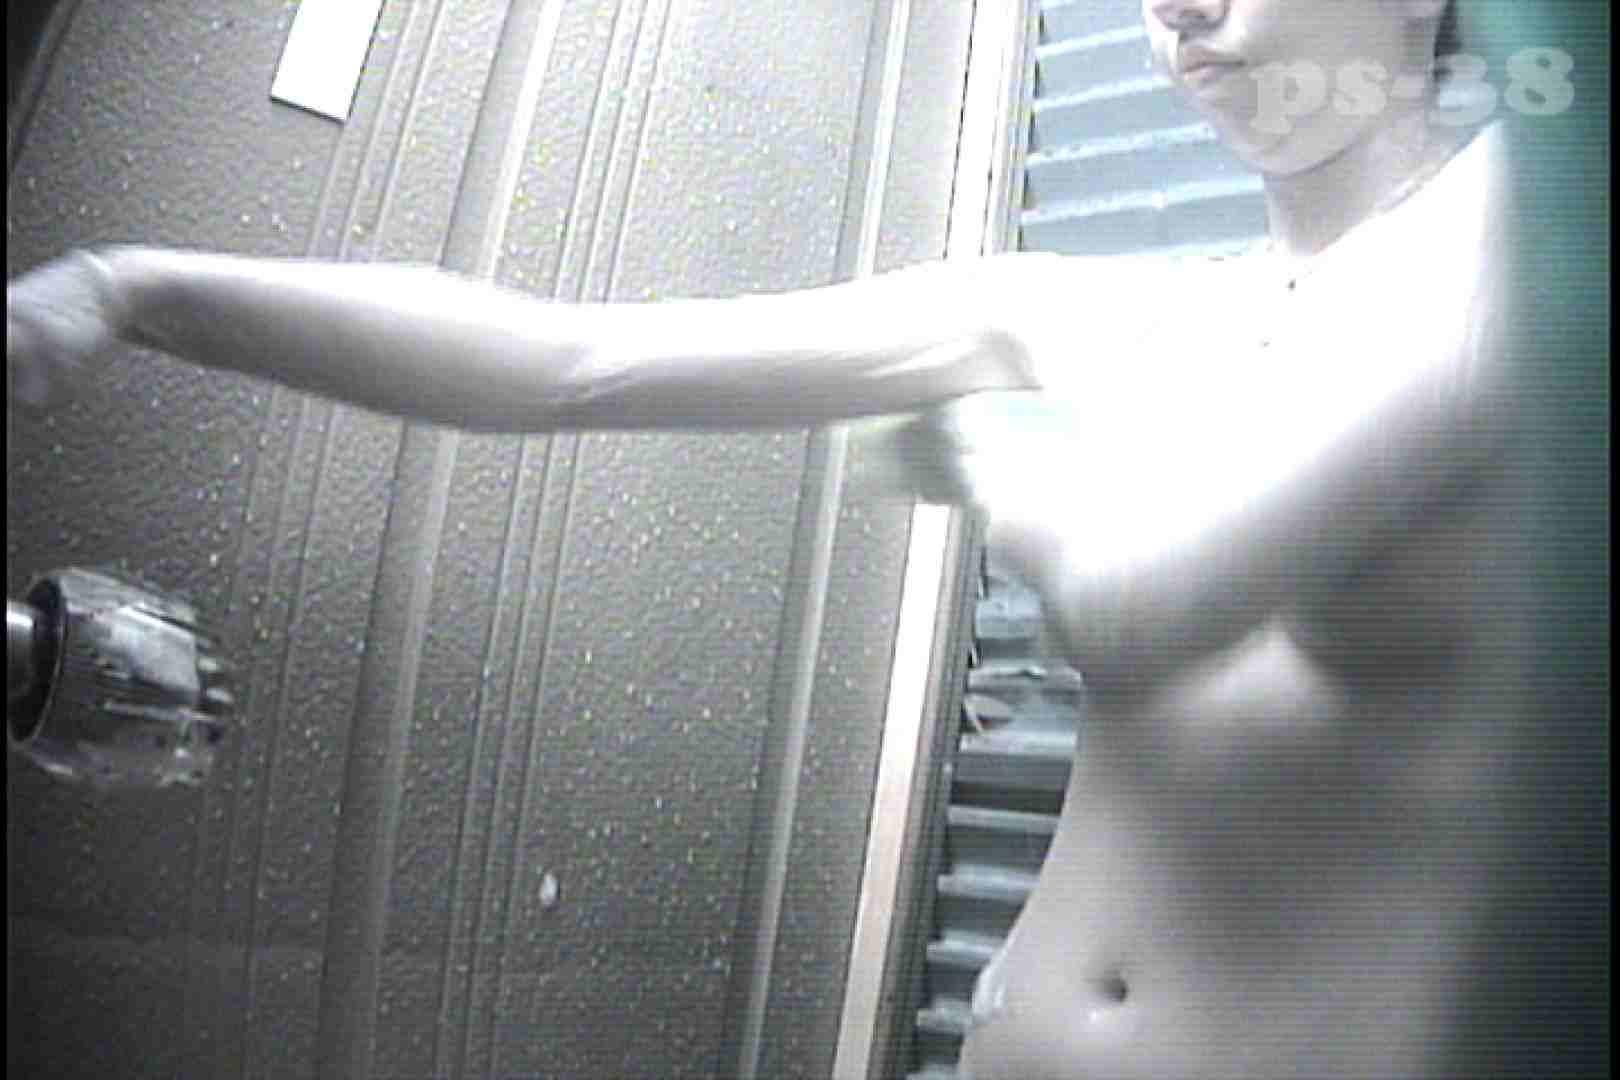 File.38 お腹のお肉がつき始めたロケットオッパイお女市さん 名人 オメコ無修正動画無料 101PIX 35